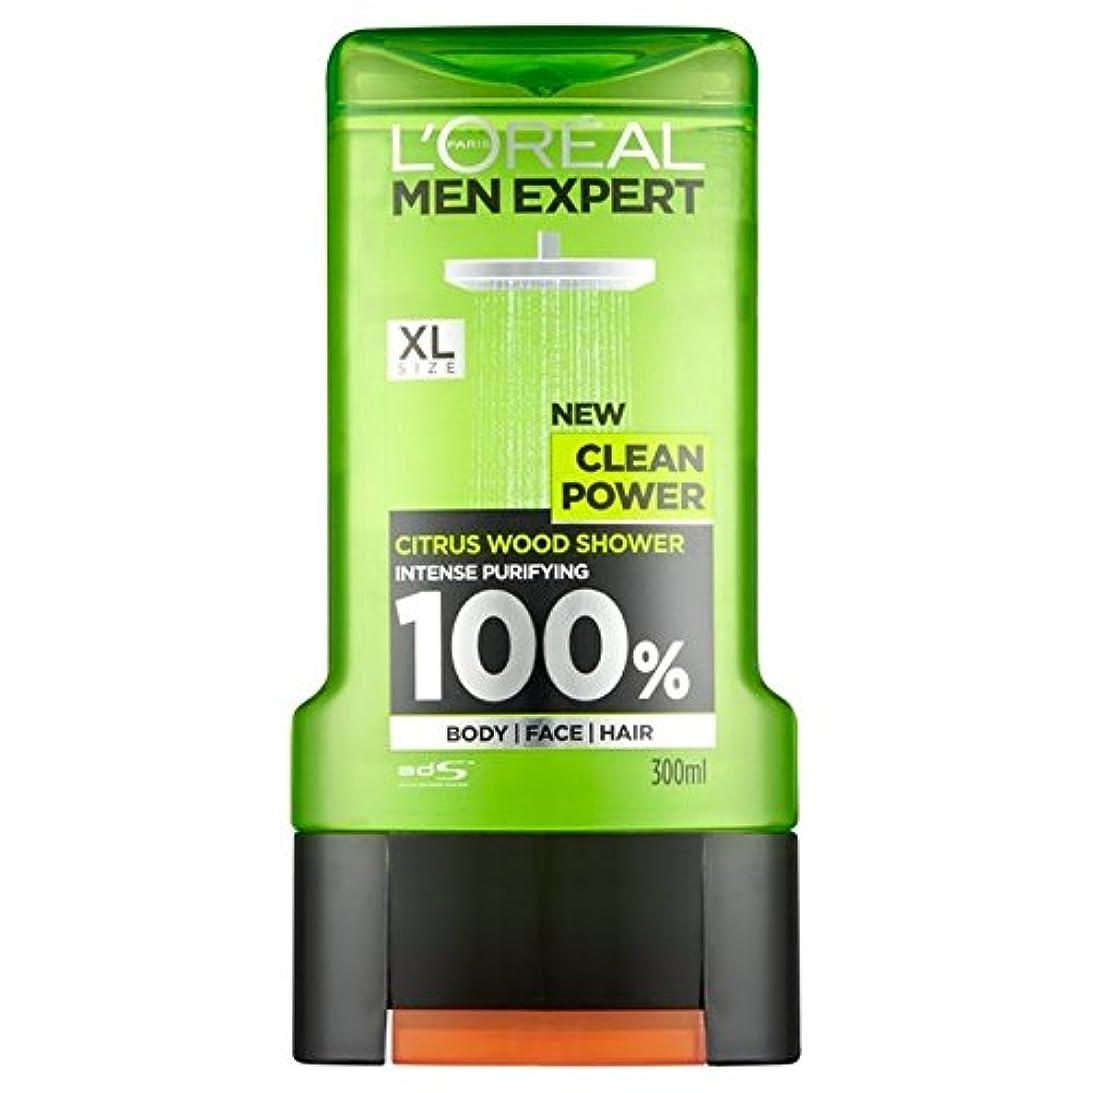 征服者パッチ言うロレアルパリの男性の専門家クリーンパワーシャワージェル300ミリリットル x4 - L'Oreal Paris Men Expert Clean Power Shower Gel 300ml (Pack of 4) [並行輸入品]